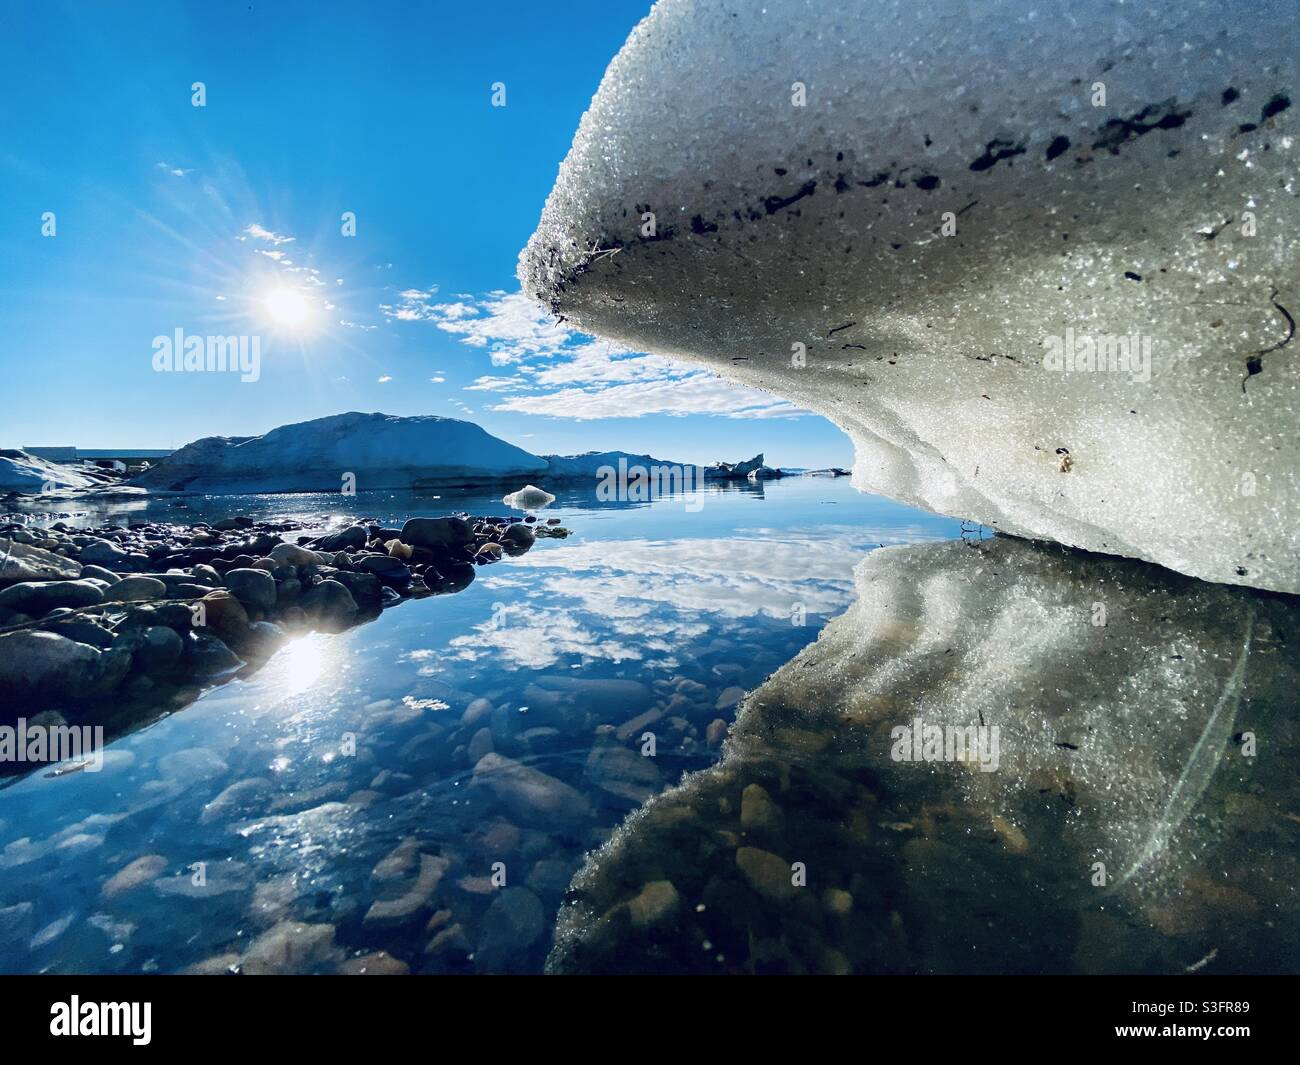 Galleggianti di ghiaccio in bretata dalla rottura annuale del mare e ghiaccio del fiume a Kotzbue Sound nell'Artico dell'Alaska. Kotzebue, Alaska, Stati Uniti Foto Stock